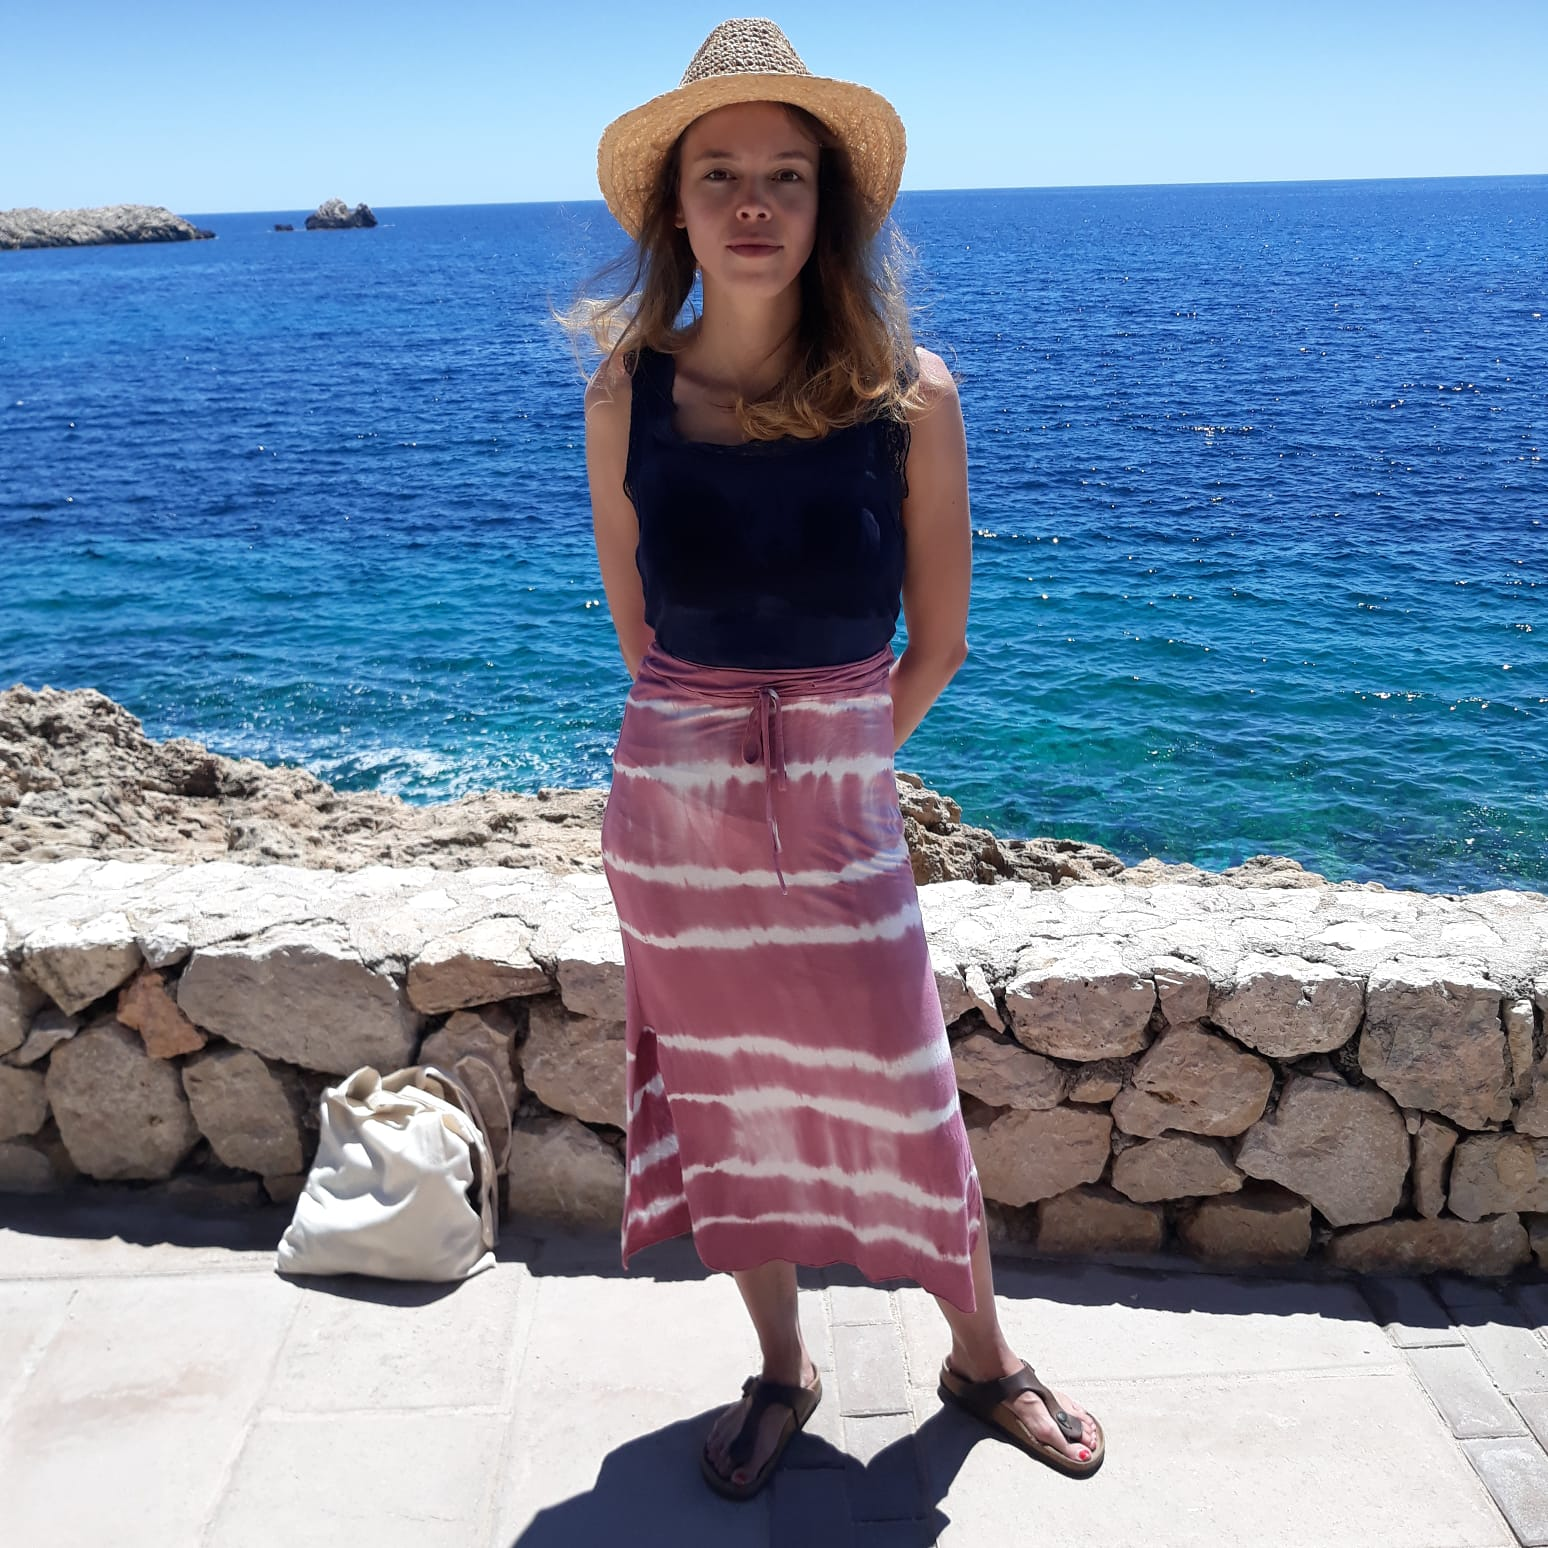 Julia Schmidt - Ich bin Julia, komme aus Freiburg und kann aus eigener Erfahrung sprechen, wie schwierig es ist, wirkungsvolle und natürliche therapeutische Alternativen zu finden. Deshalb setze ich auf dōTERRA und würde mich freuen dich bei deinen Anliegen zu unterstützen: heyjuli@gmx.de